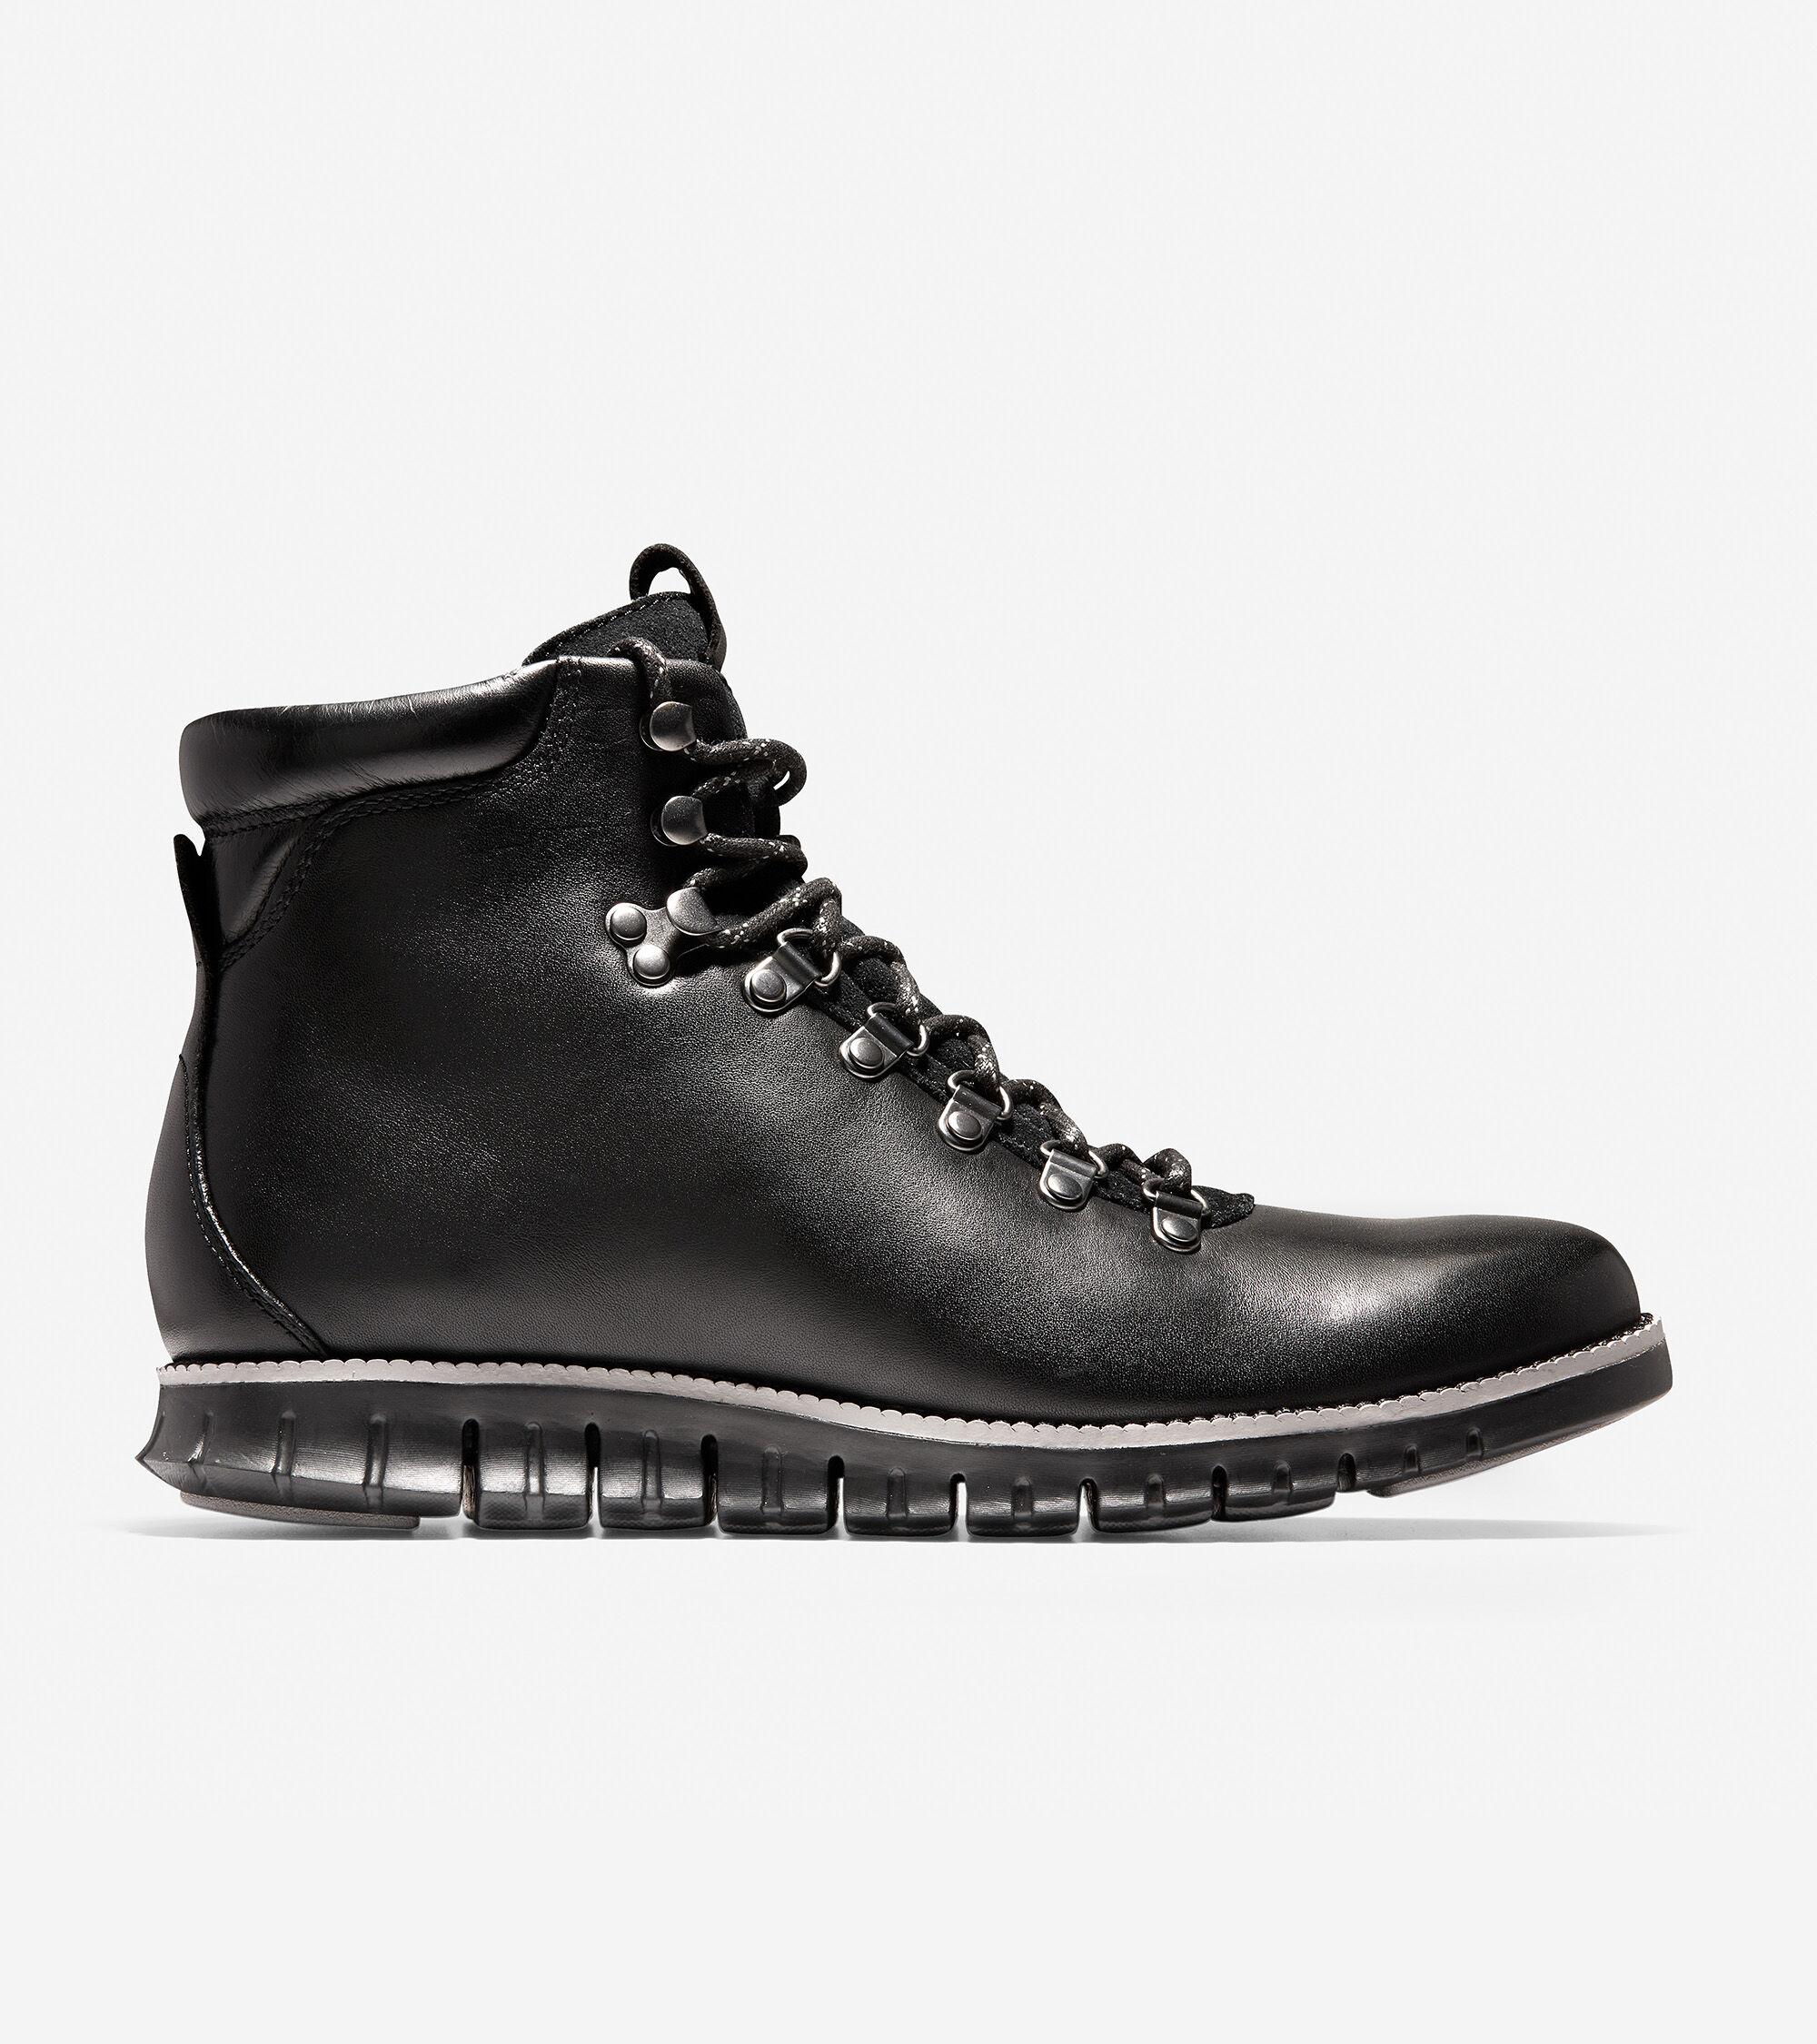 5d498311b27b Men s ZEROGRAND Water Resistant Hiker Boots in Black